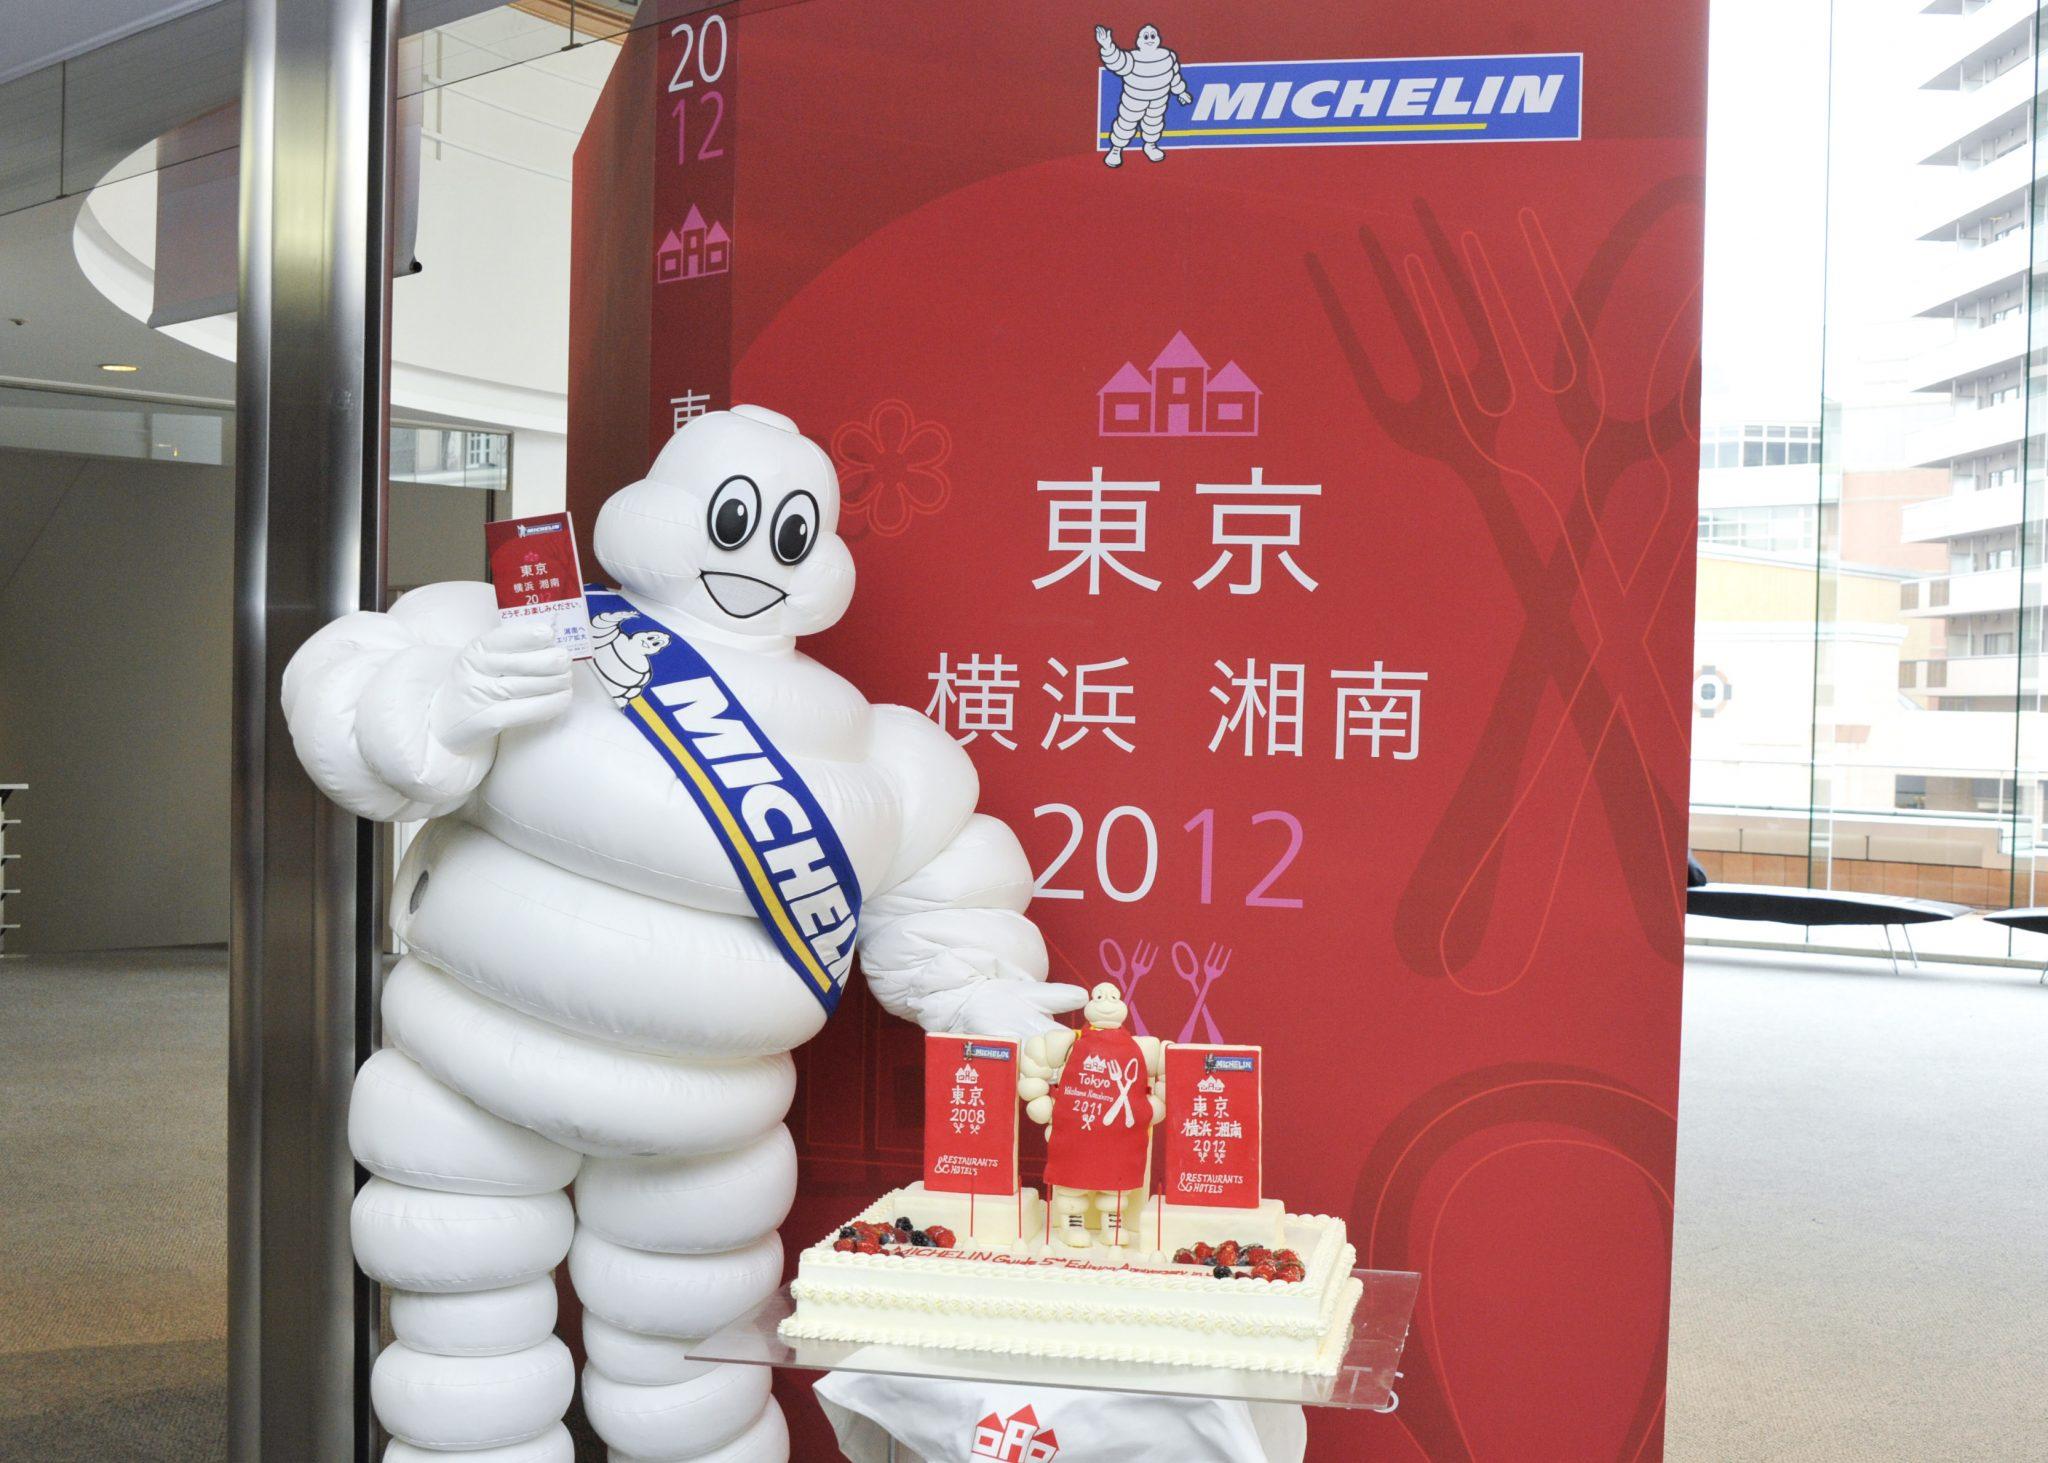 ミシュランマンと発行5年目記念ケーキ(展示パネル前2)